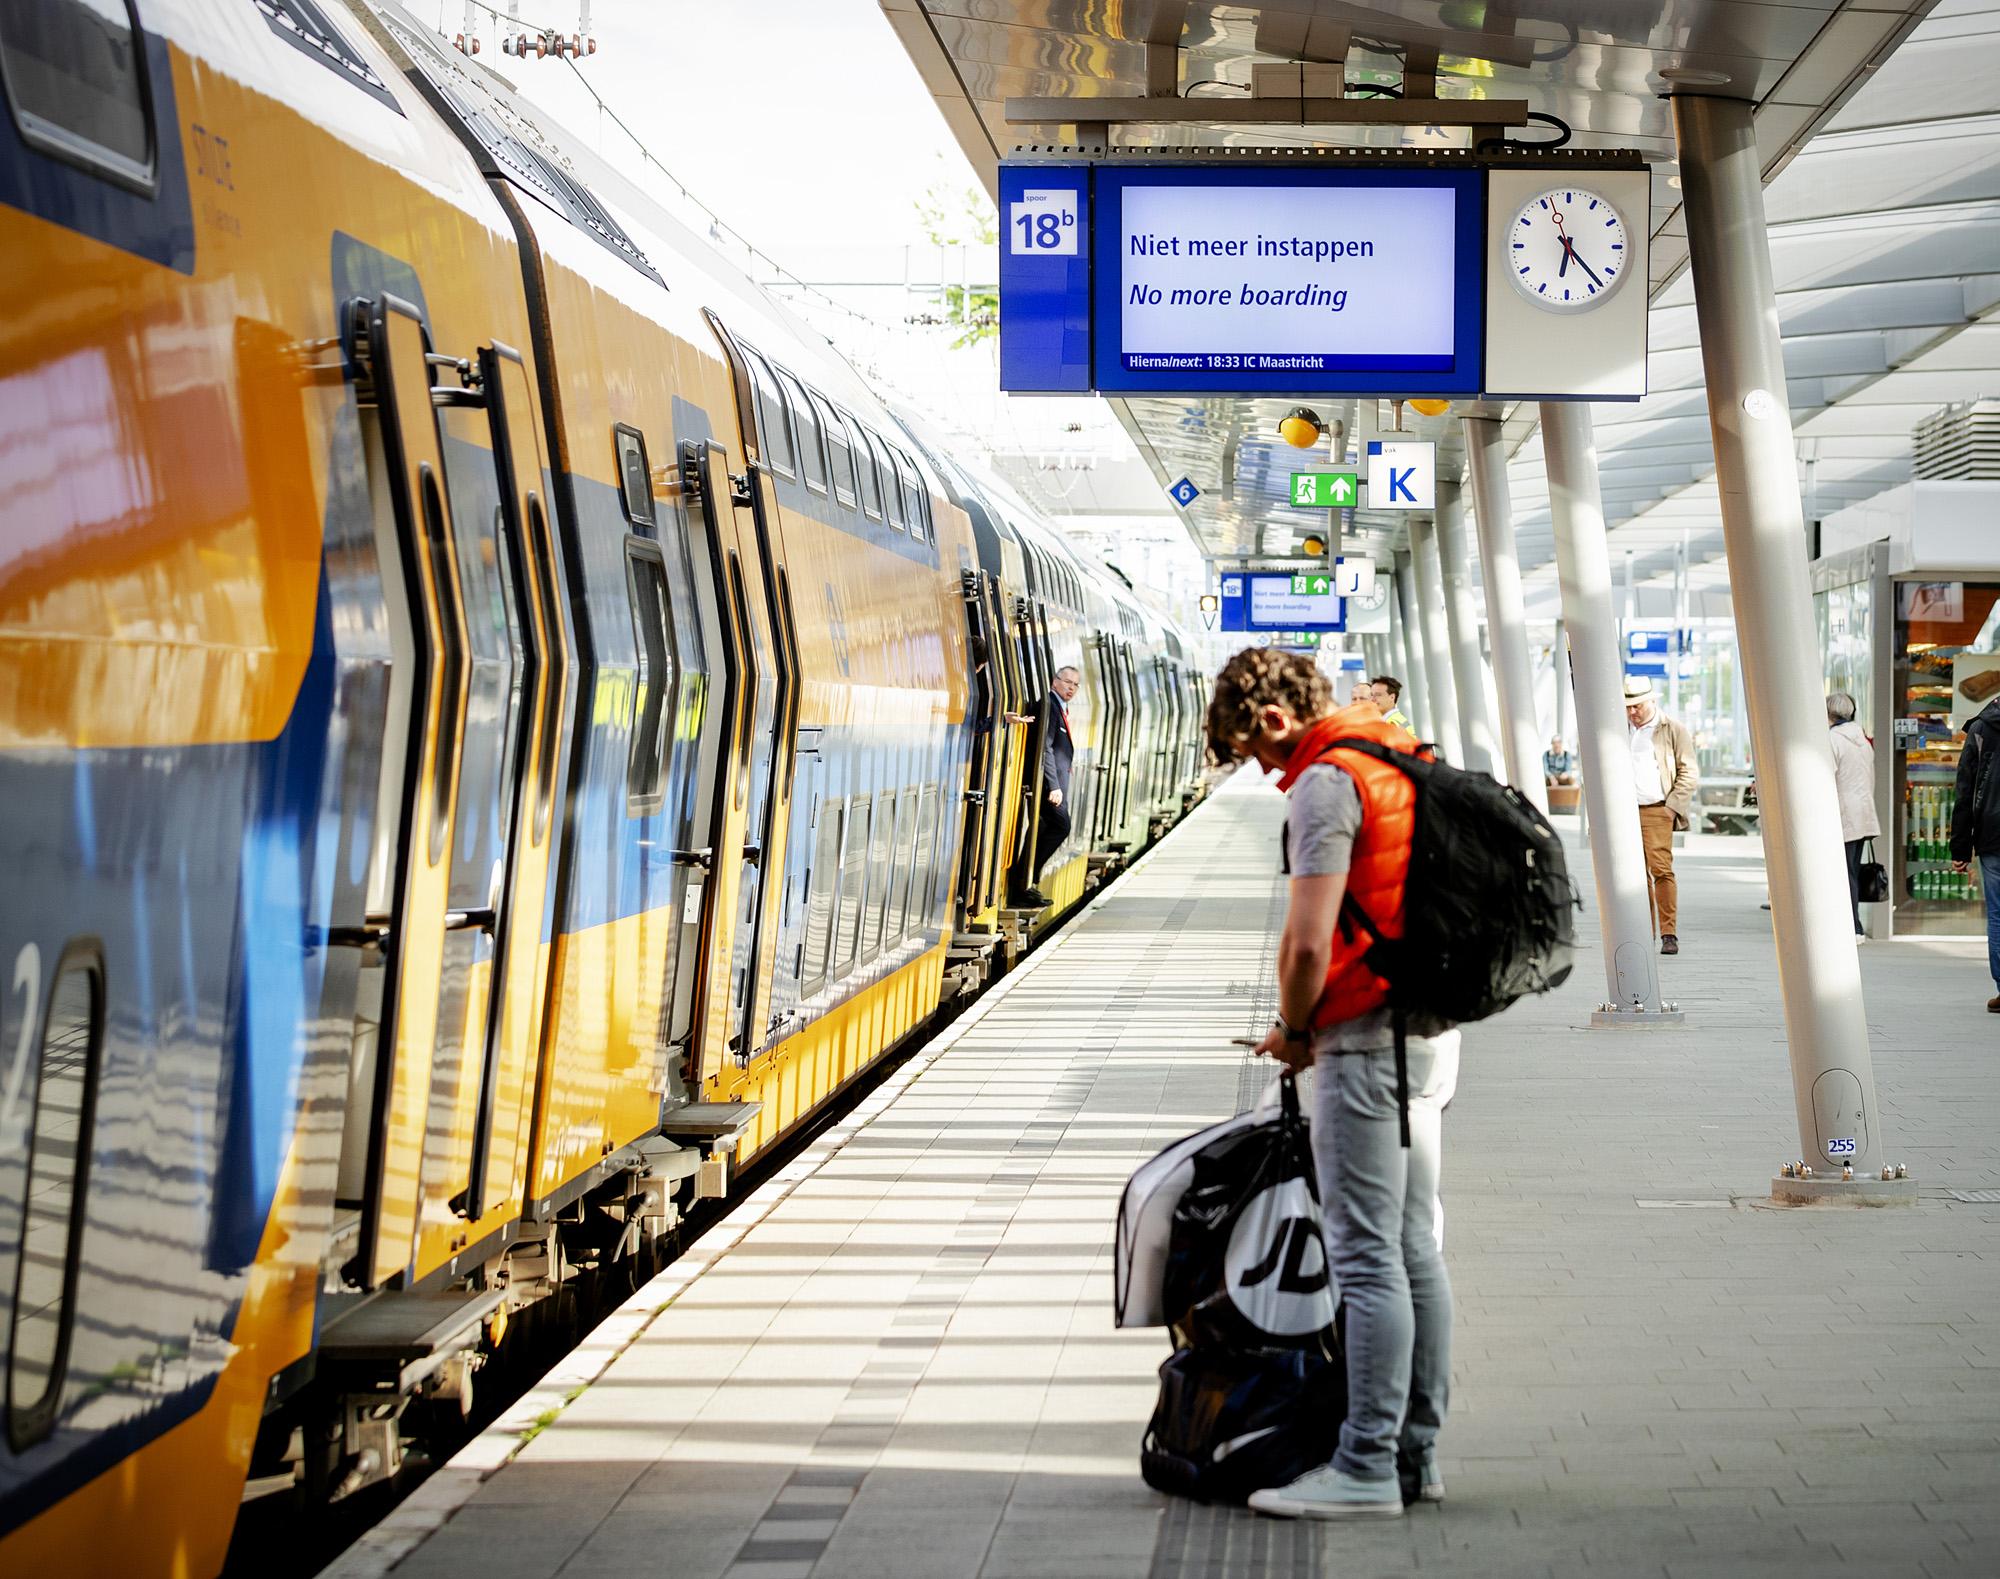 Een foto van een trein die bij een perron stilstaat. Een man in oranje bodywarmer staat op het perron op zijn telefoon te kijken.